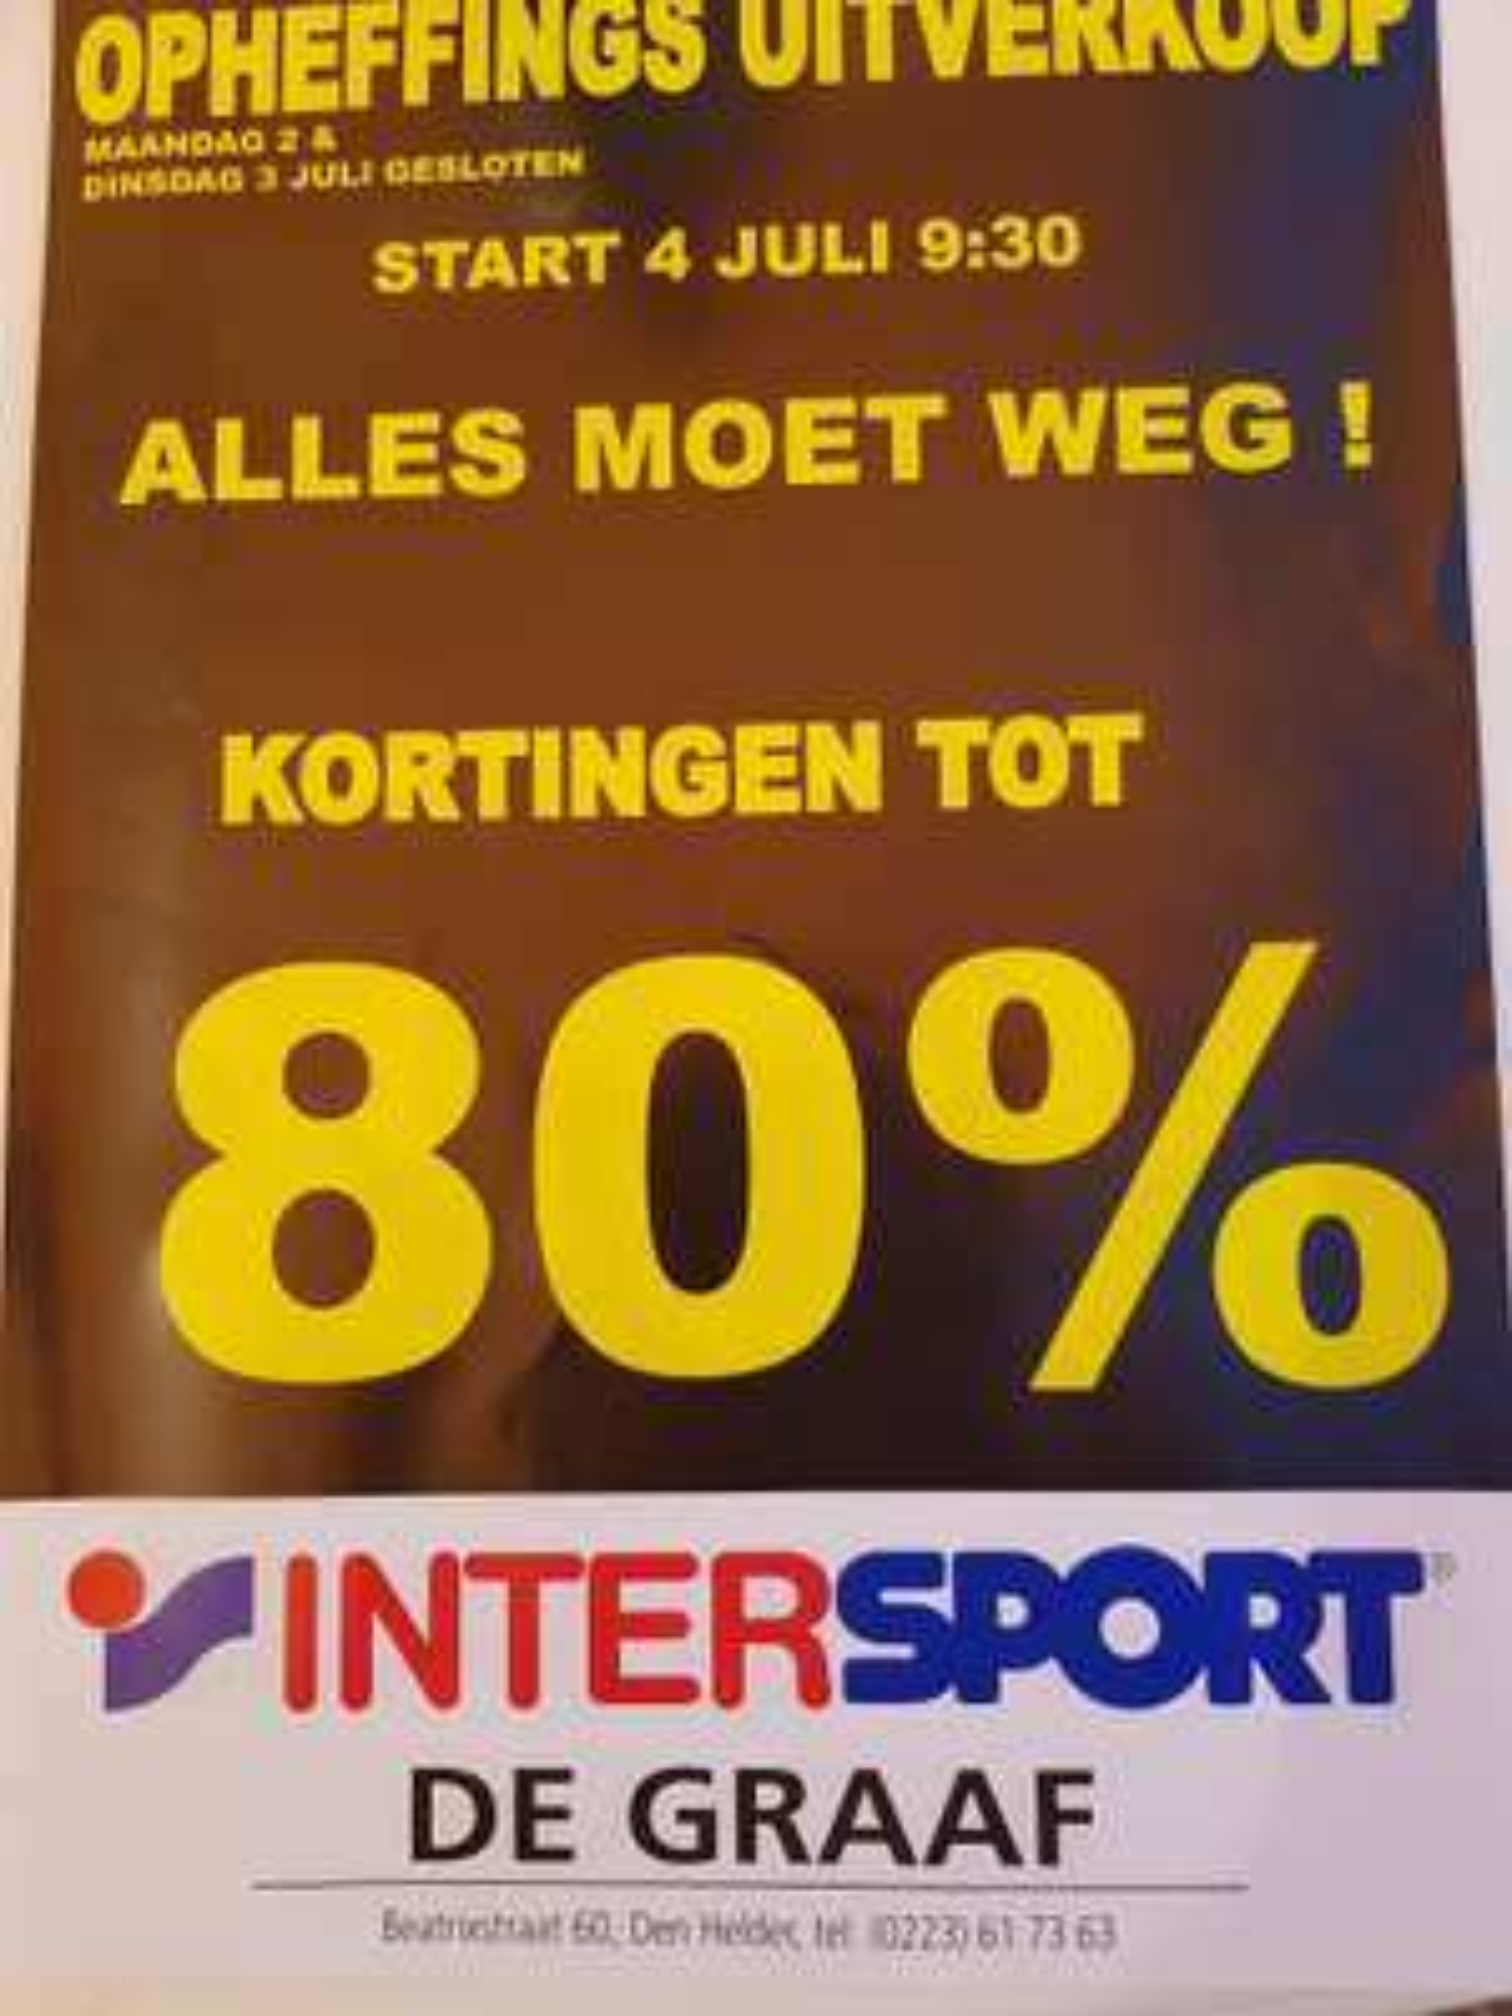 Opheffingsuitverkoop bij de Graaf Intersport in den Helder